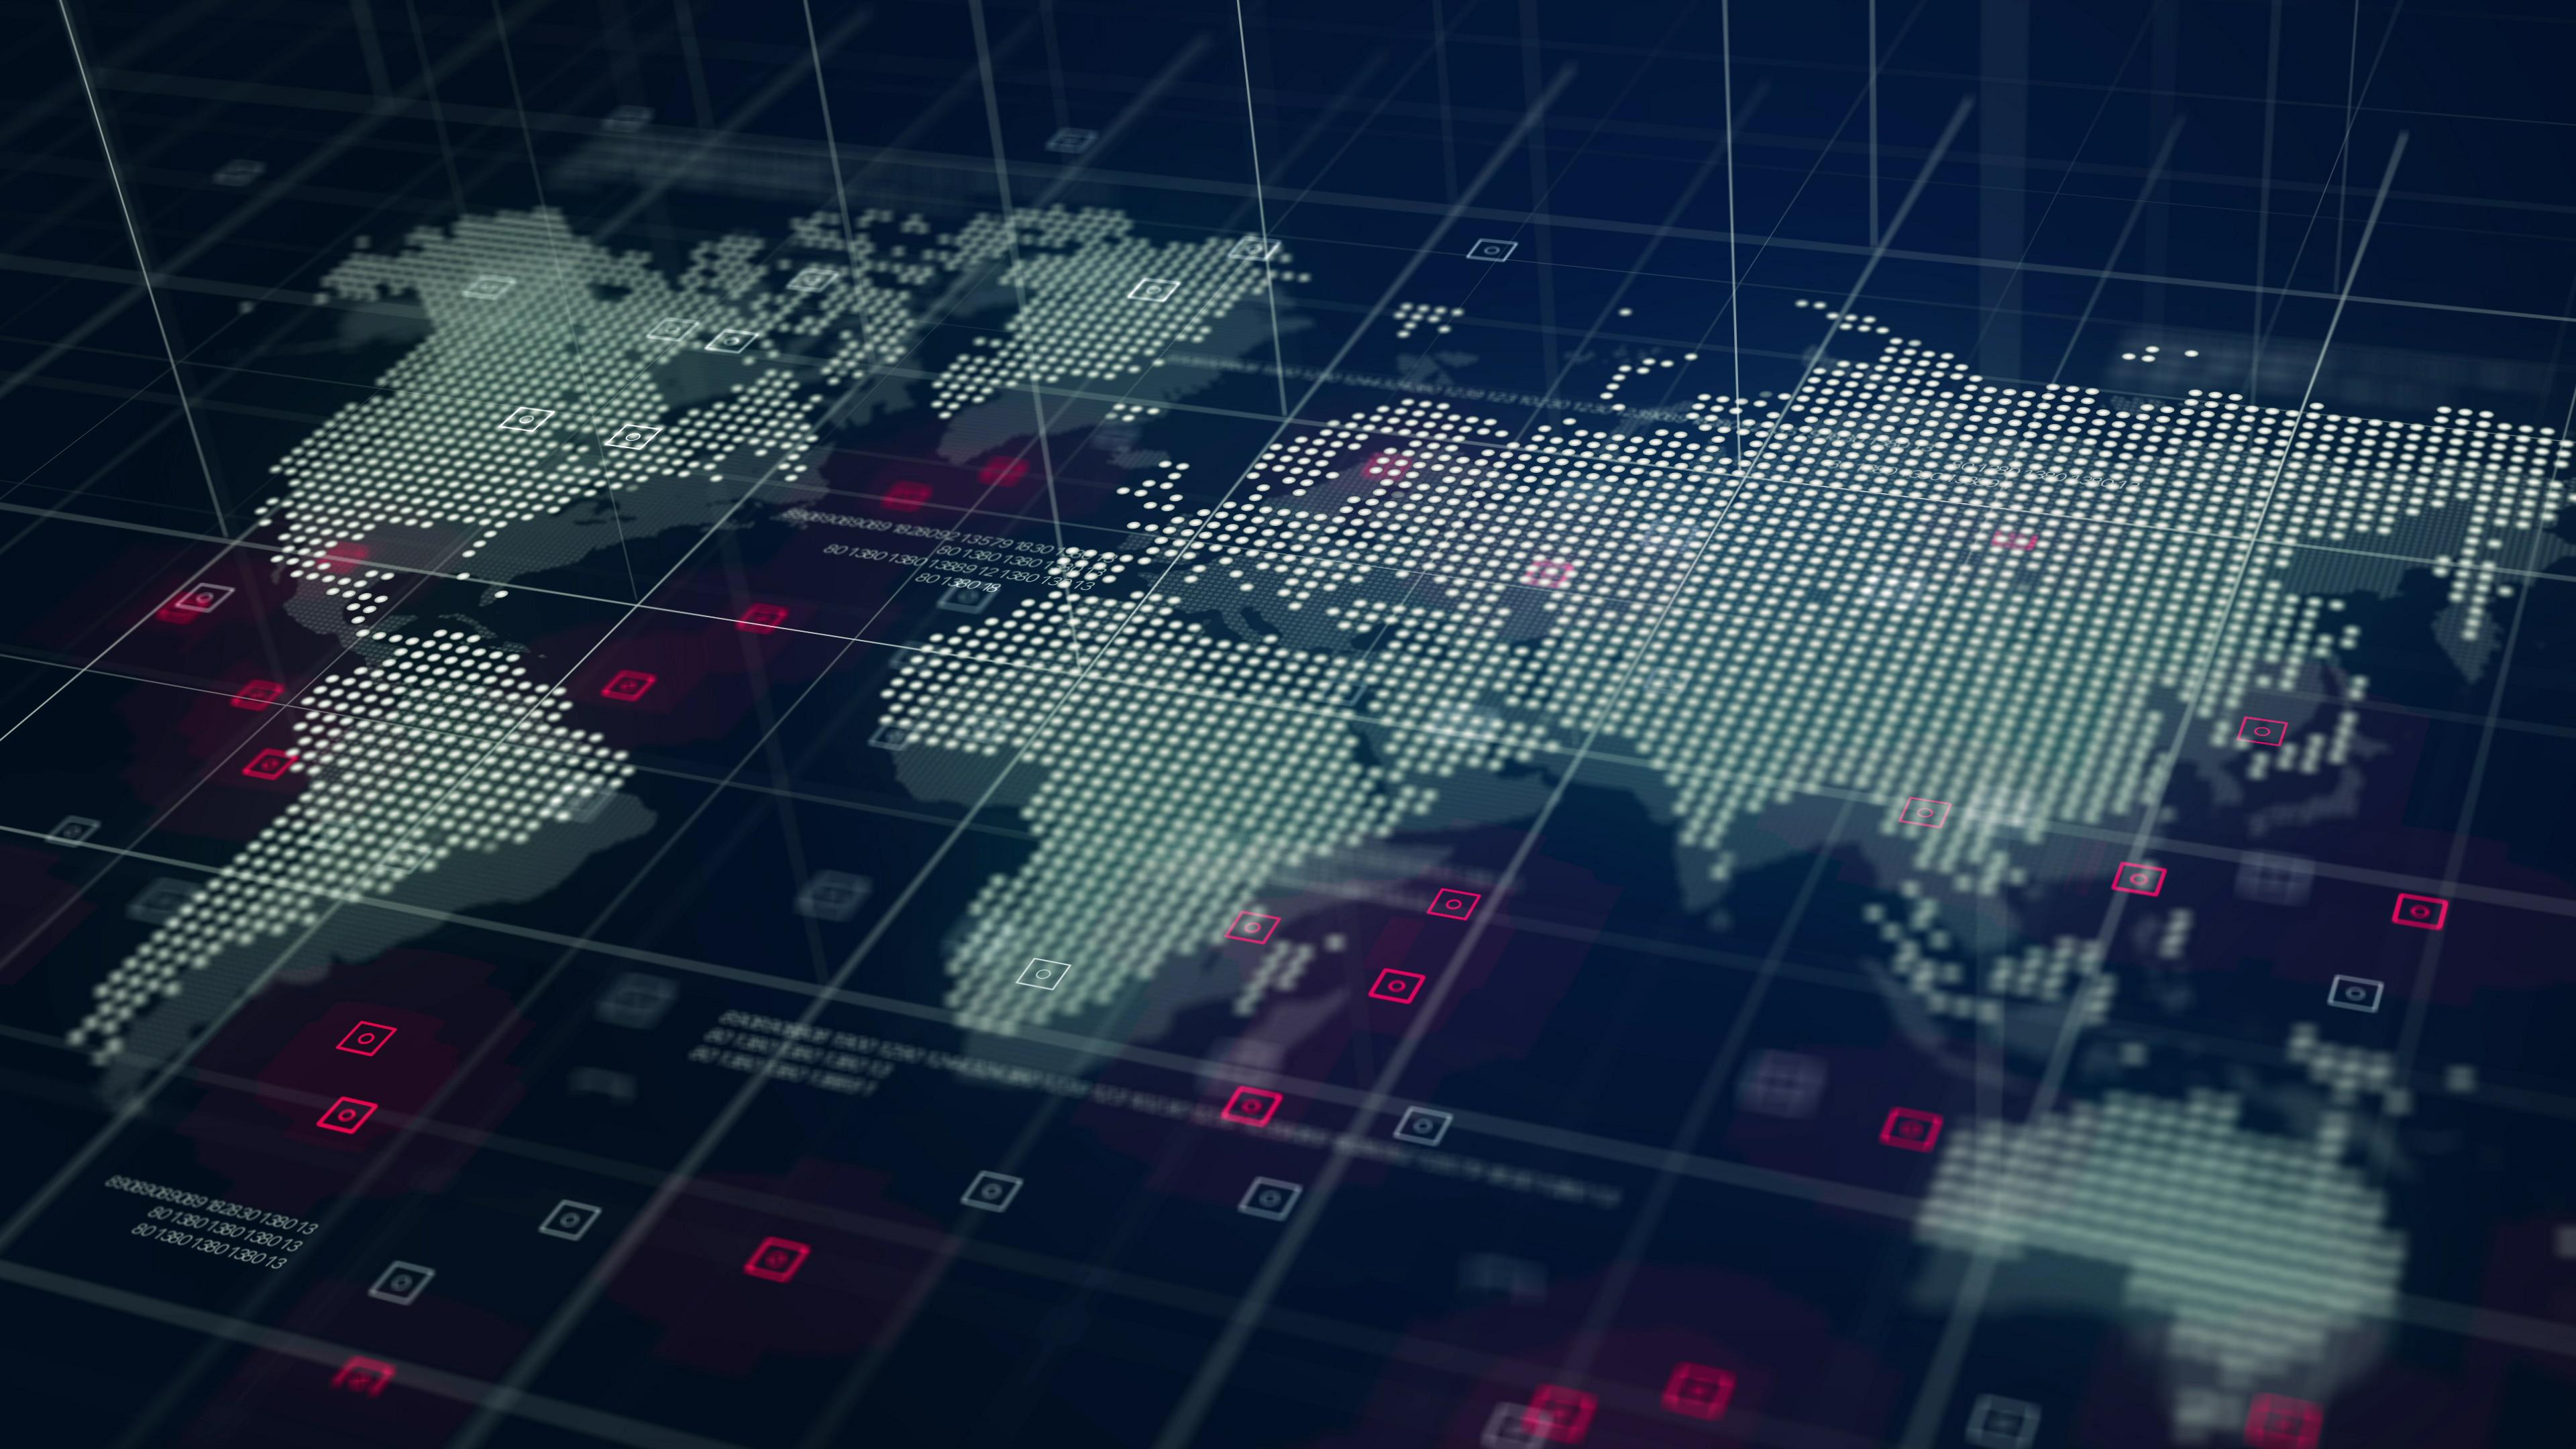 ¿Cómo proteger a su organización de ciberataques? | EL FRENTE